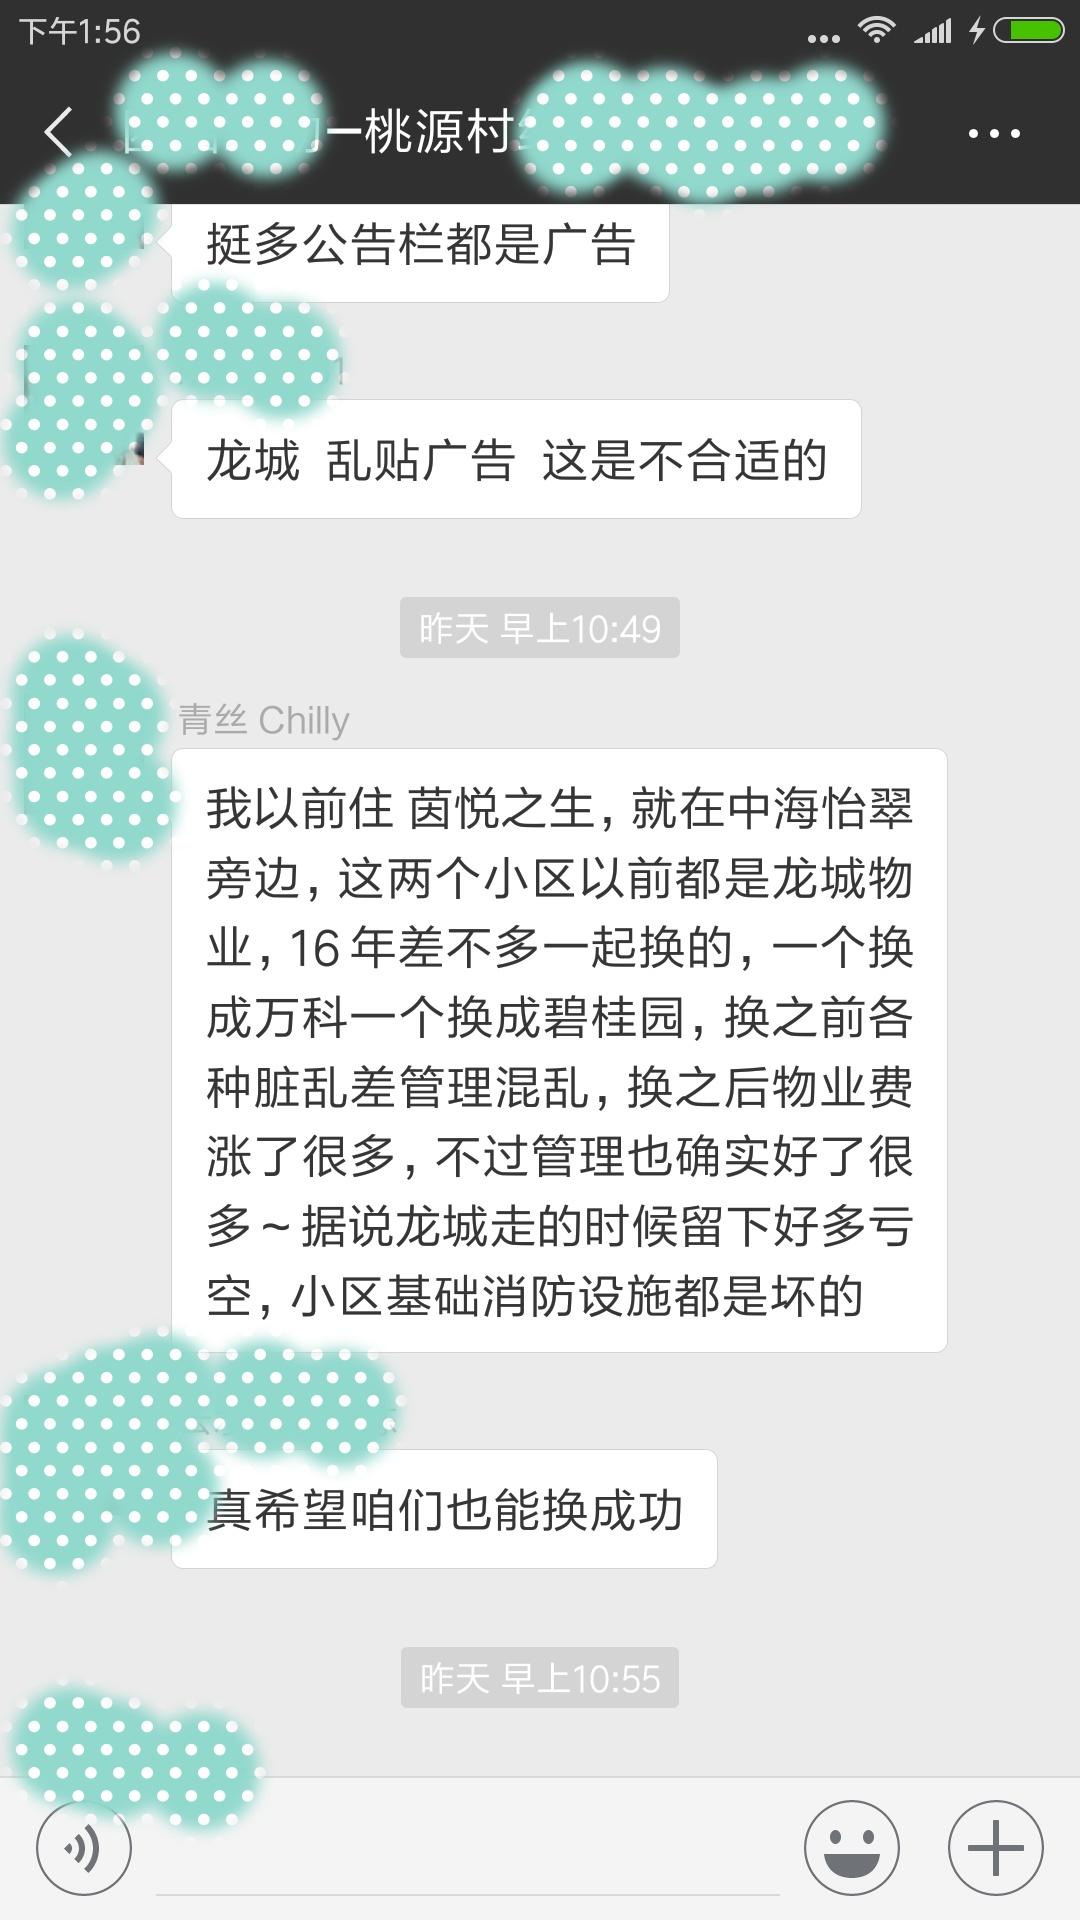 Screenshot_2018-09-05-13-56-18-807_com.tencent.mm.png